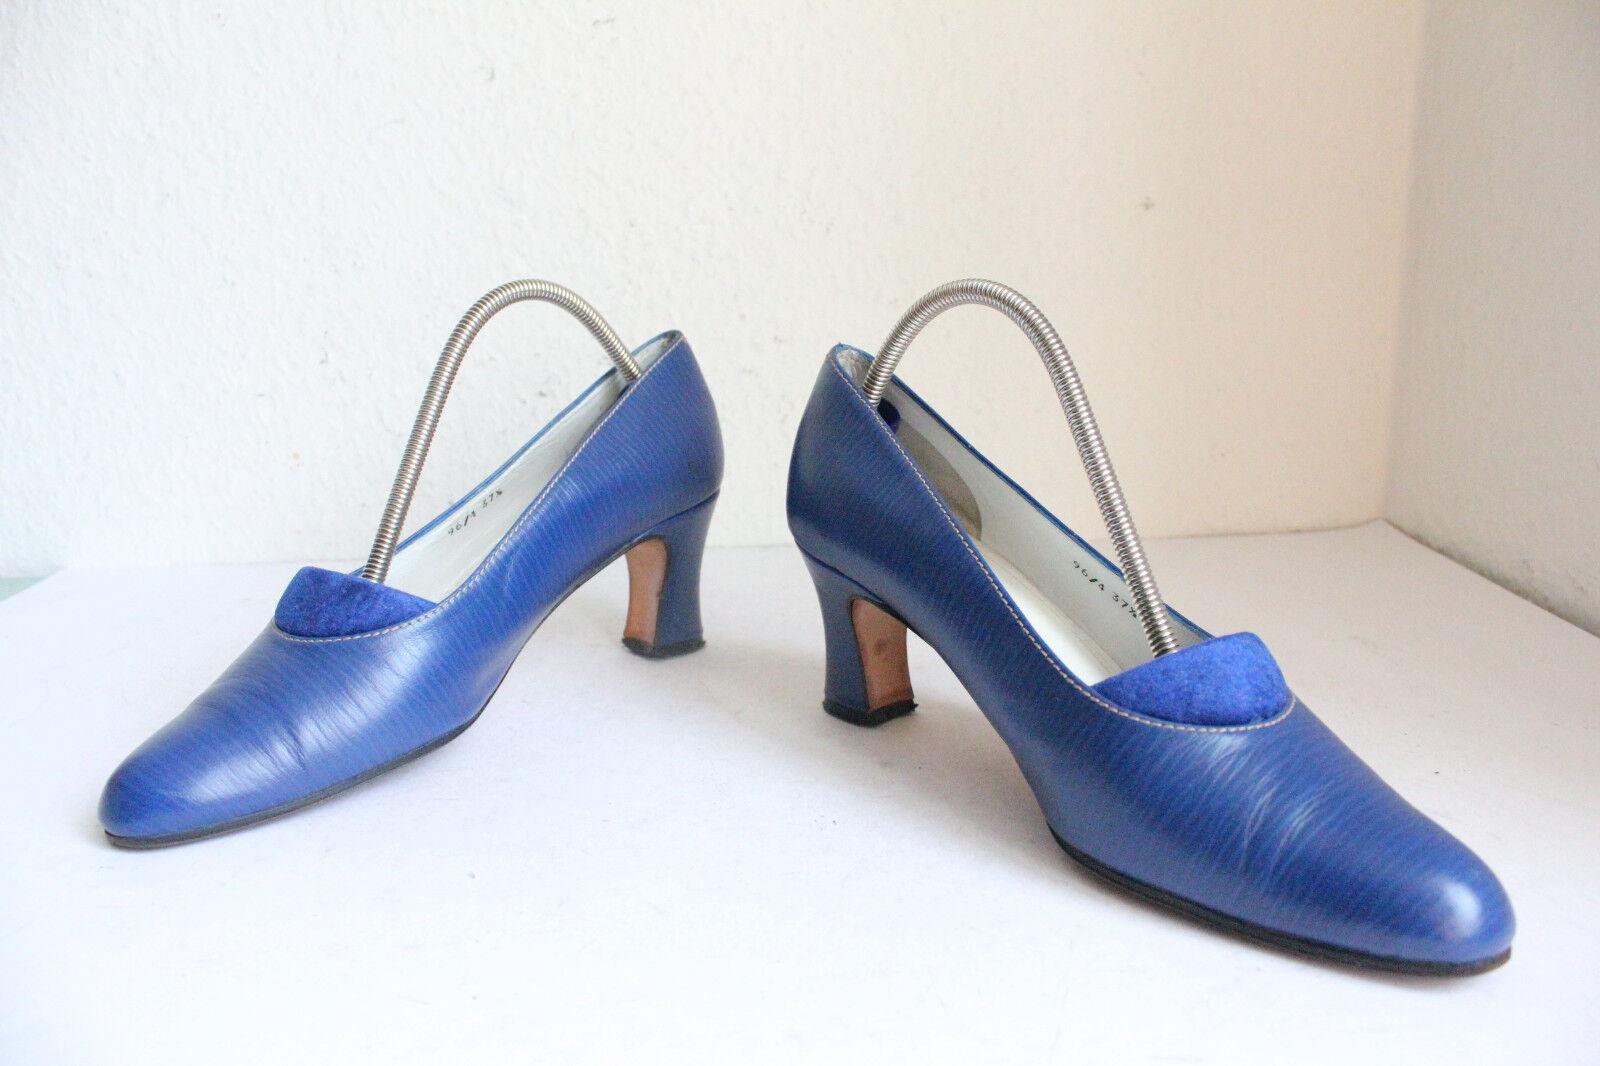 oropfeil by Dieter Dieter Dieter Kuckelkorn lujo zapatos de salón lleno cuero genuino azul eu 37, 5  orden ahora con gran descuento y entrega gratuita